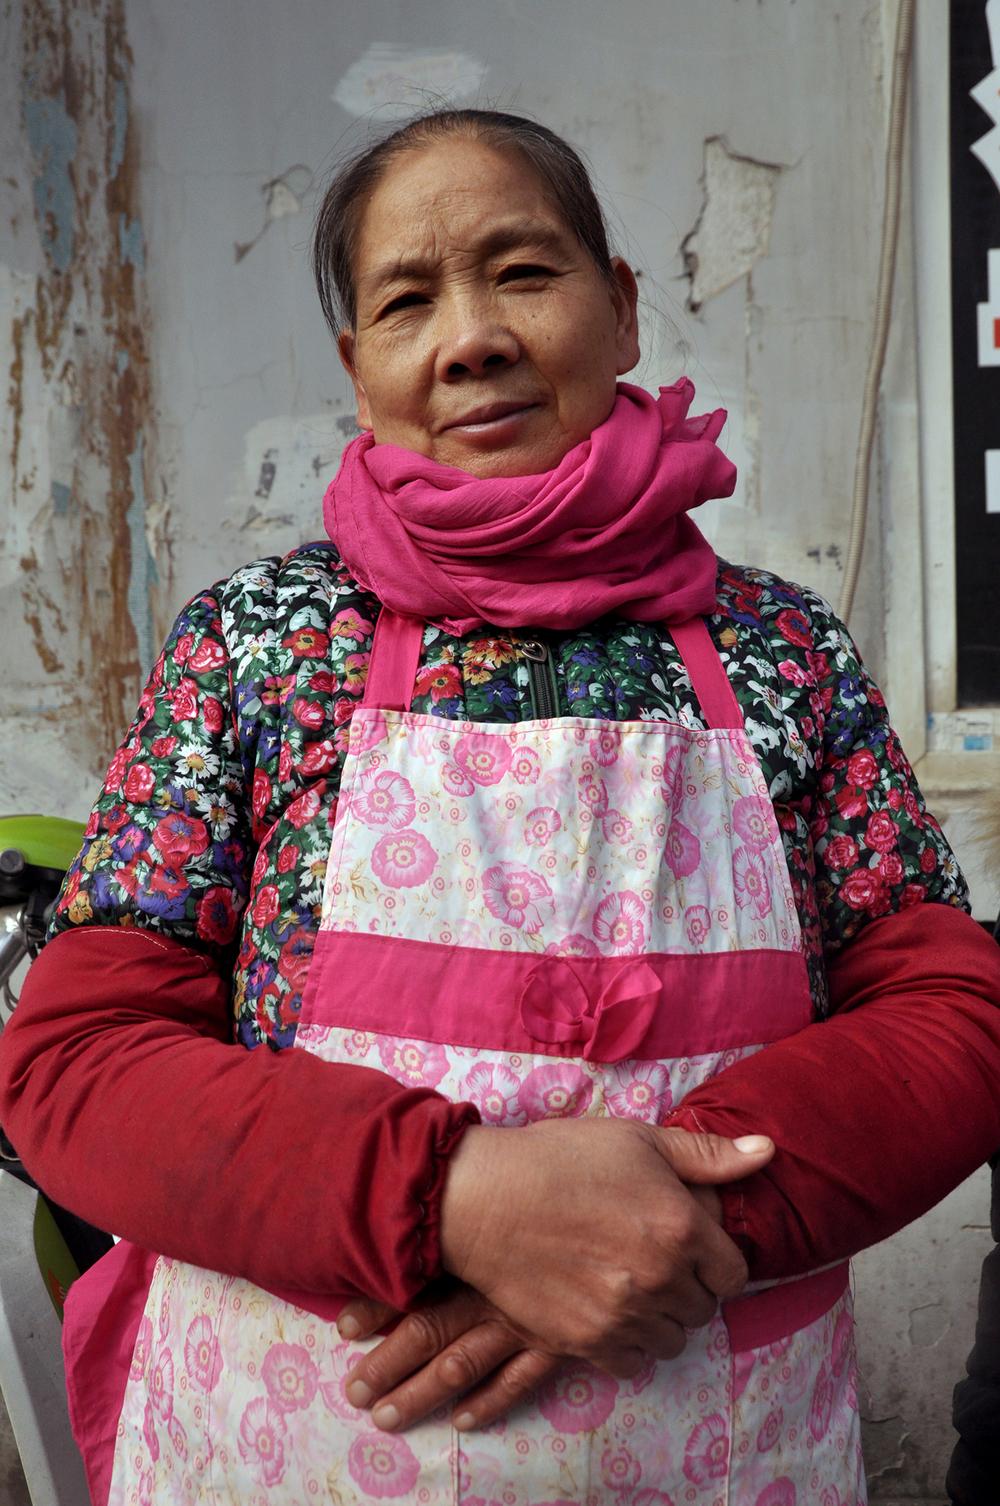 Restaurant proprietor, Wuhan